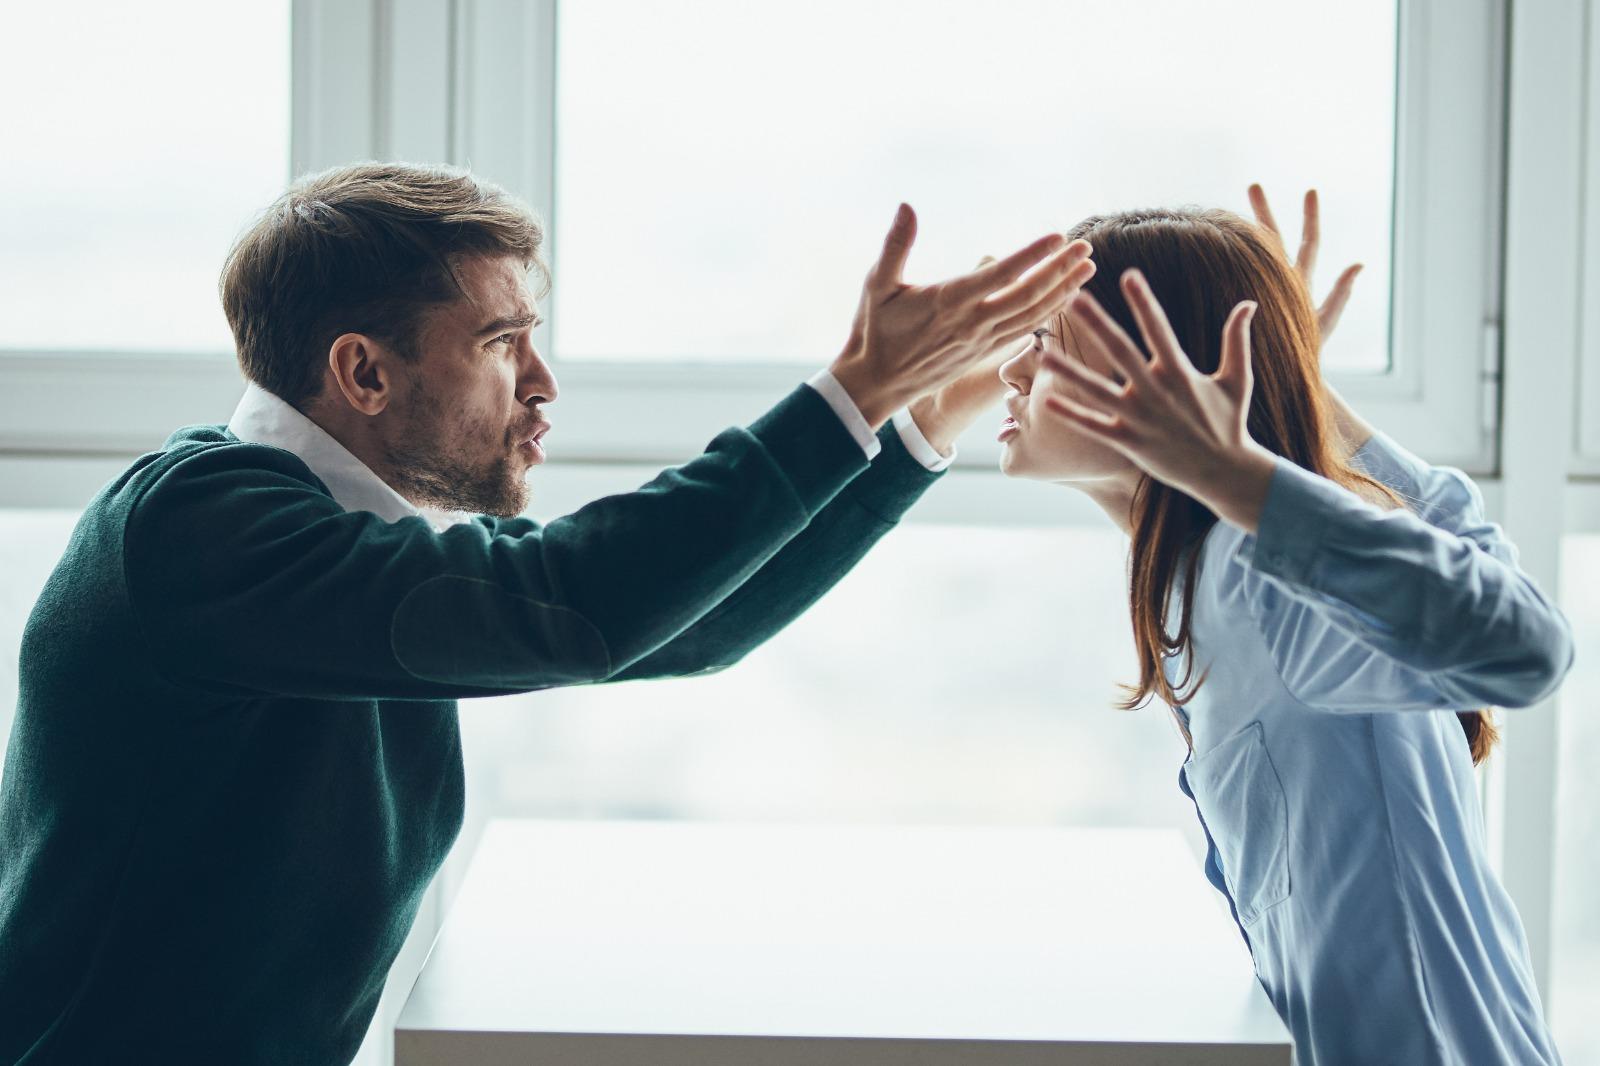 Konuşurken En Sık Yapılan İletişim Hataları